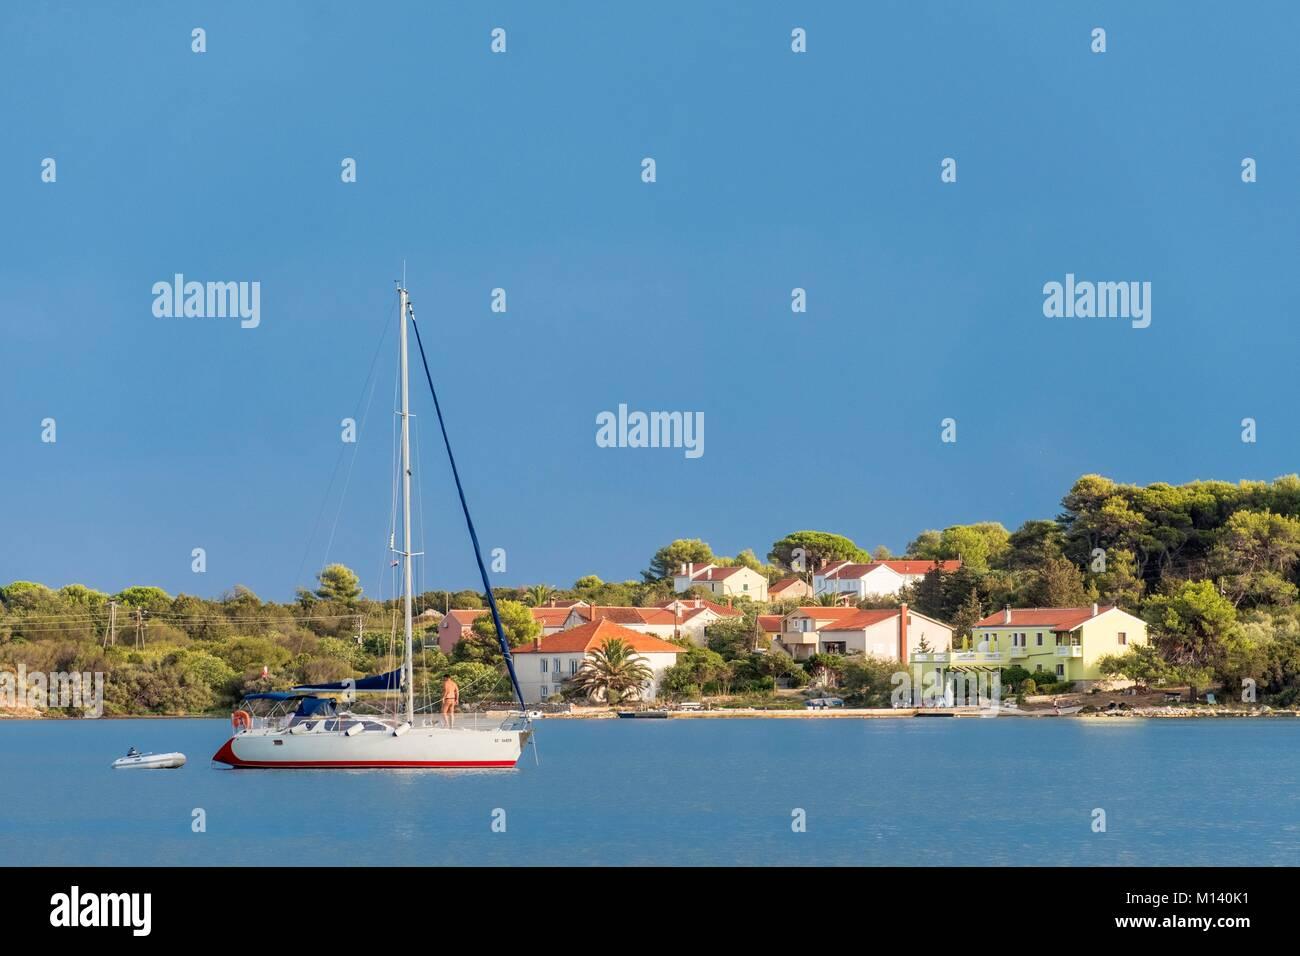 Croatia, North Dalmatia, Dalmatian coast, Zadar archipelago, Dugi Otok Island, Verunic Bay - Stock Image